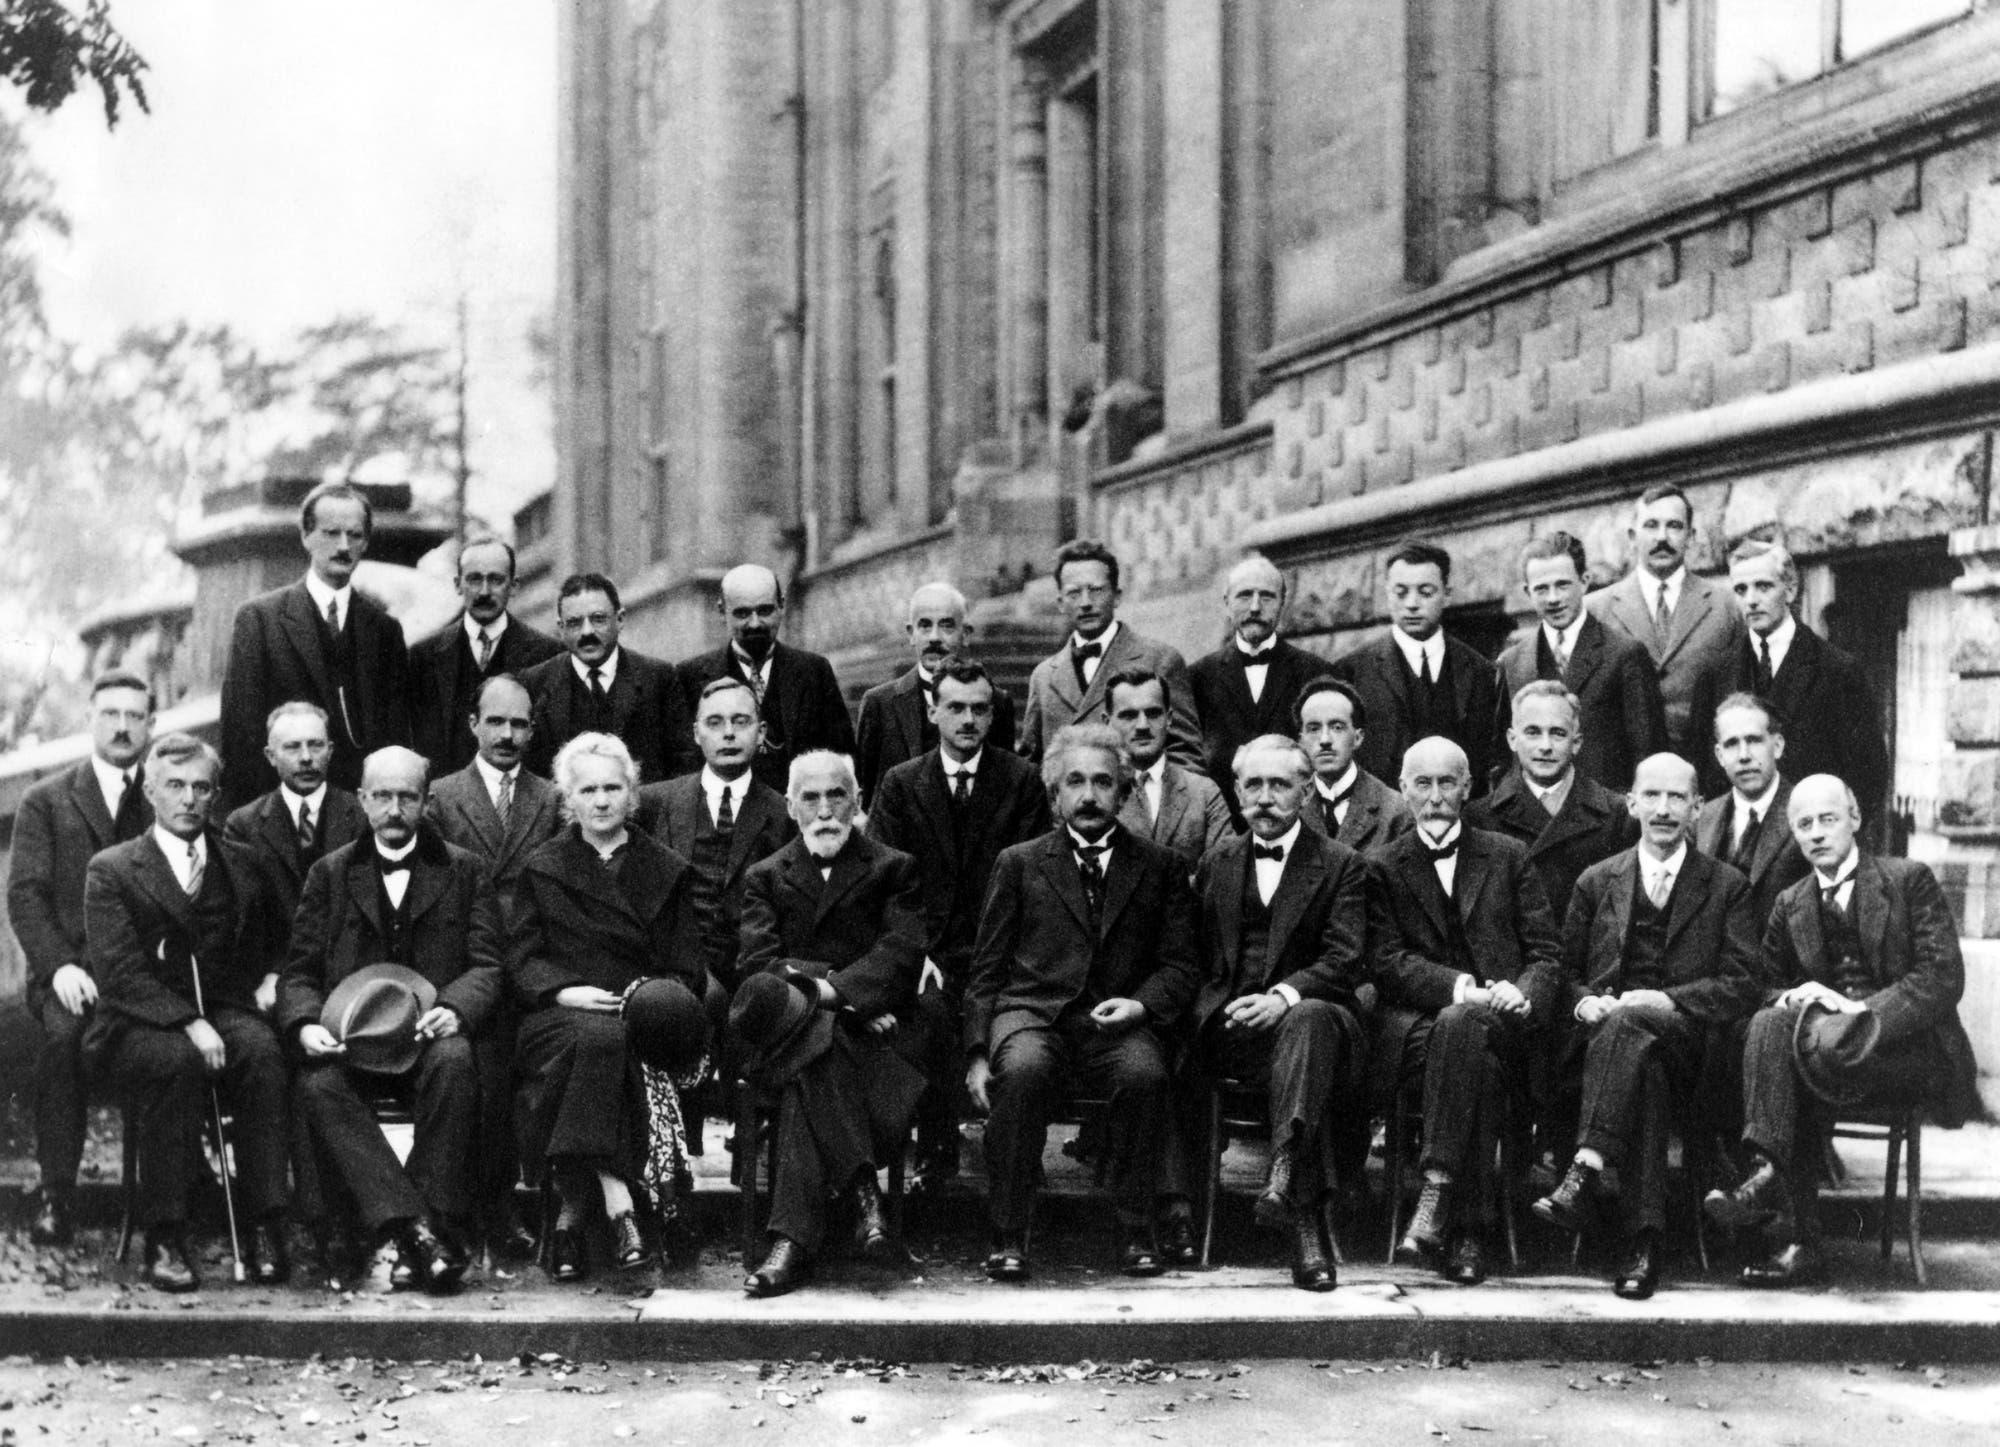 Gruppenfoto der 5. Solvay-Konferenz